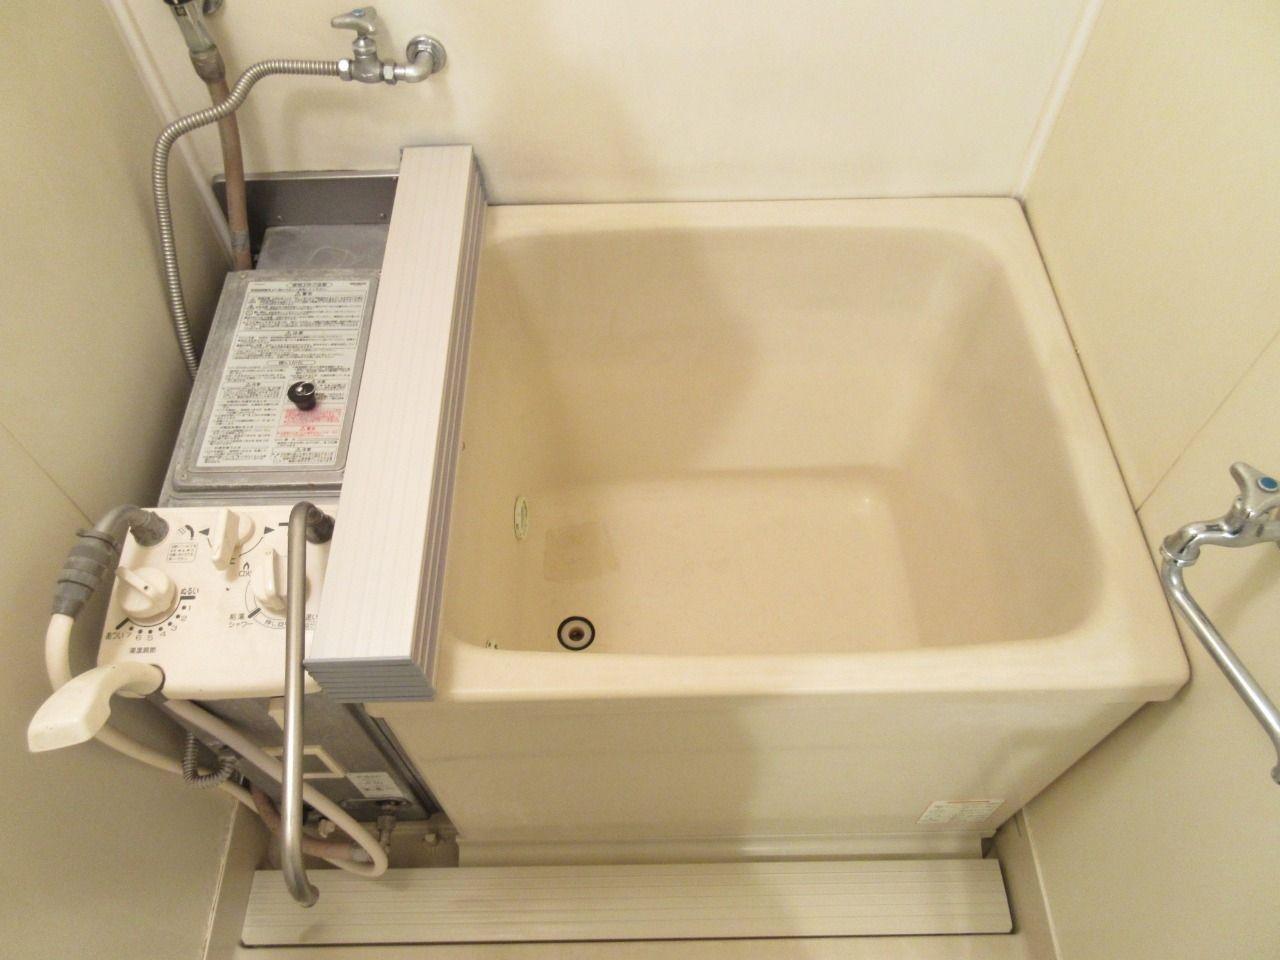 昔のタイプお風呂ですが追い焚き機能が付いています